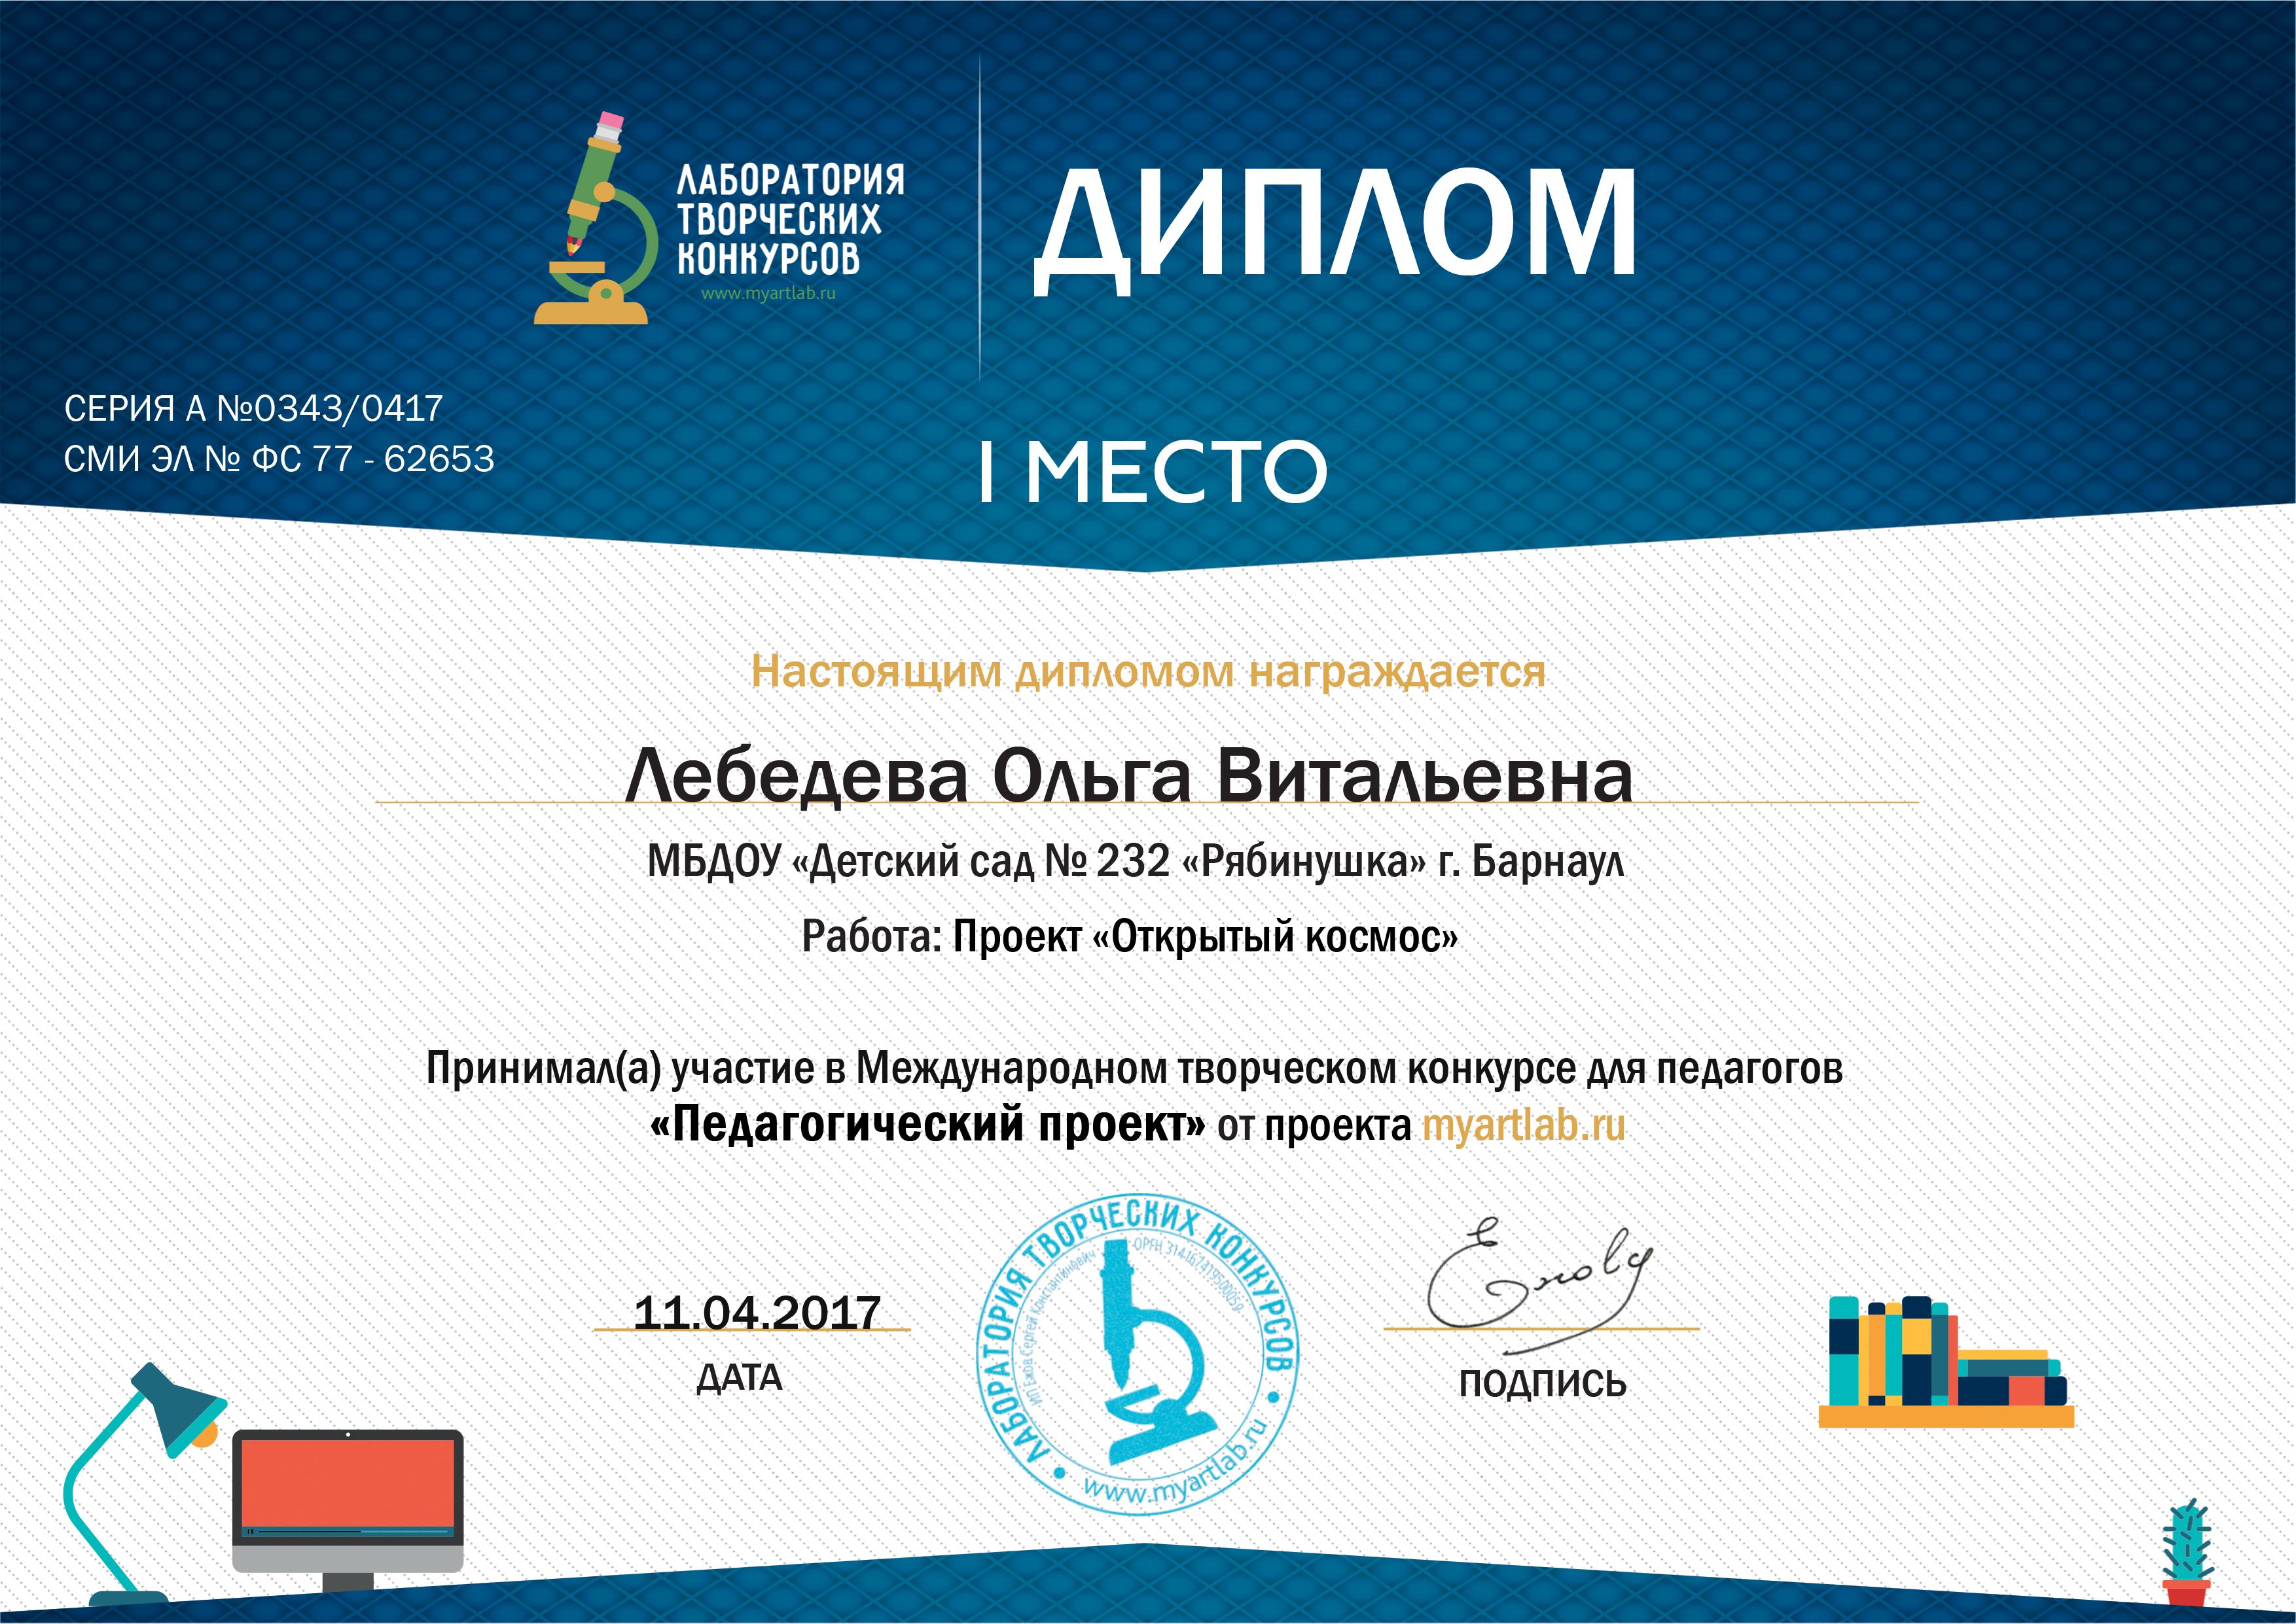 Диплом-Лаборатории-творческих-конкурсов-2017г